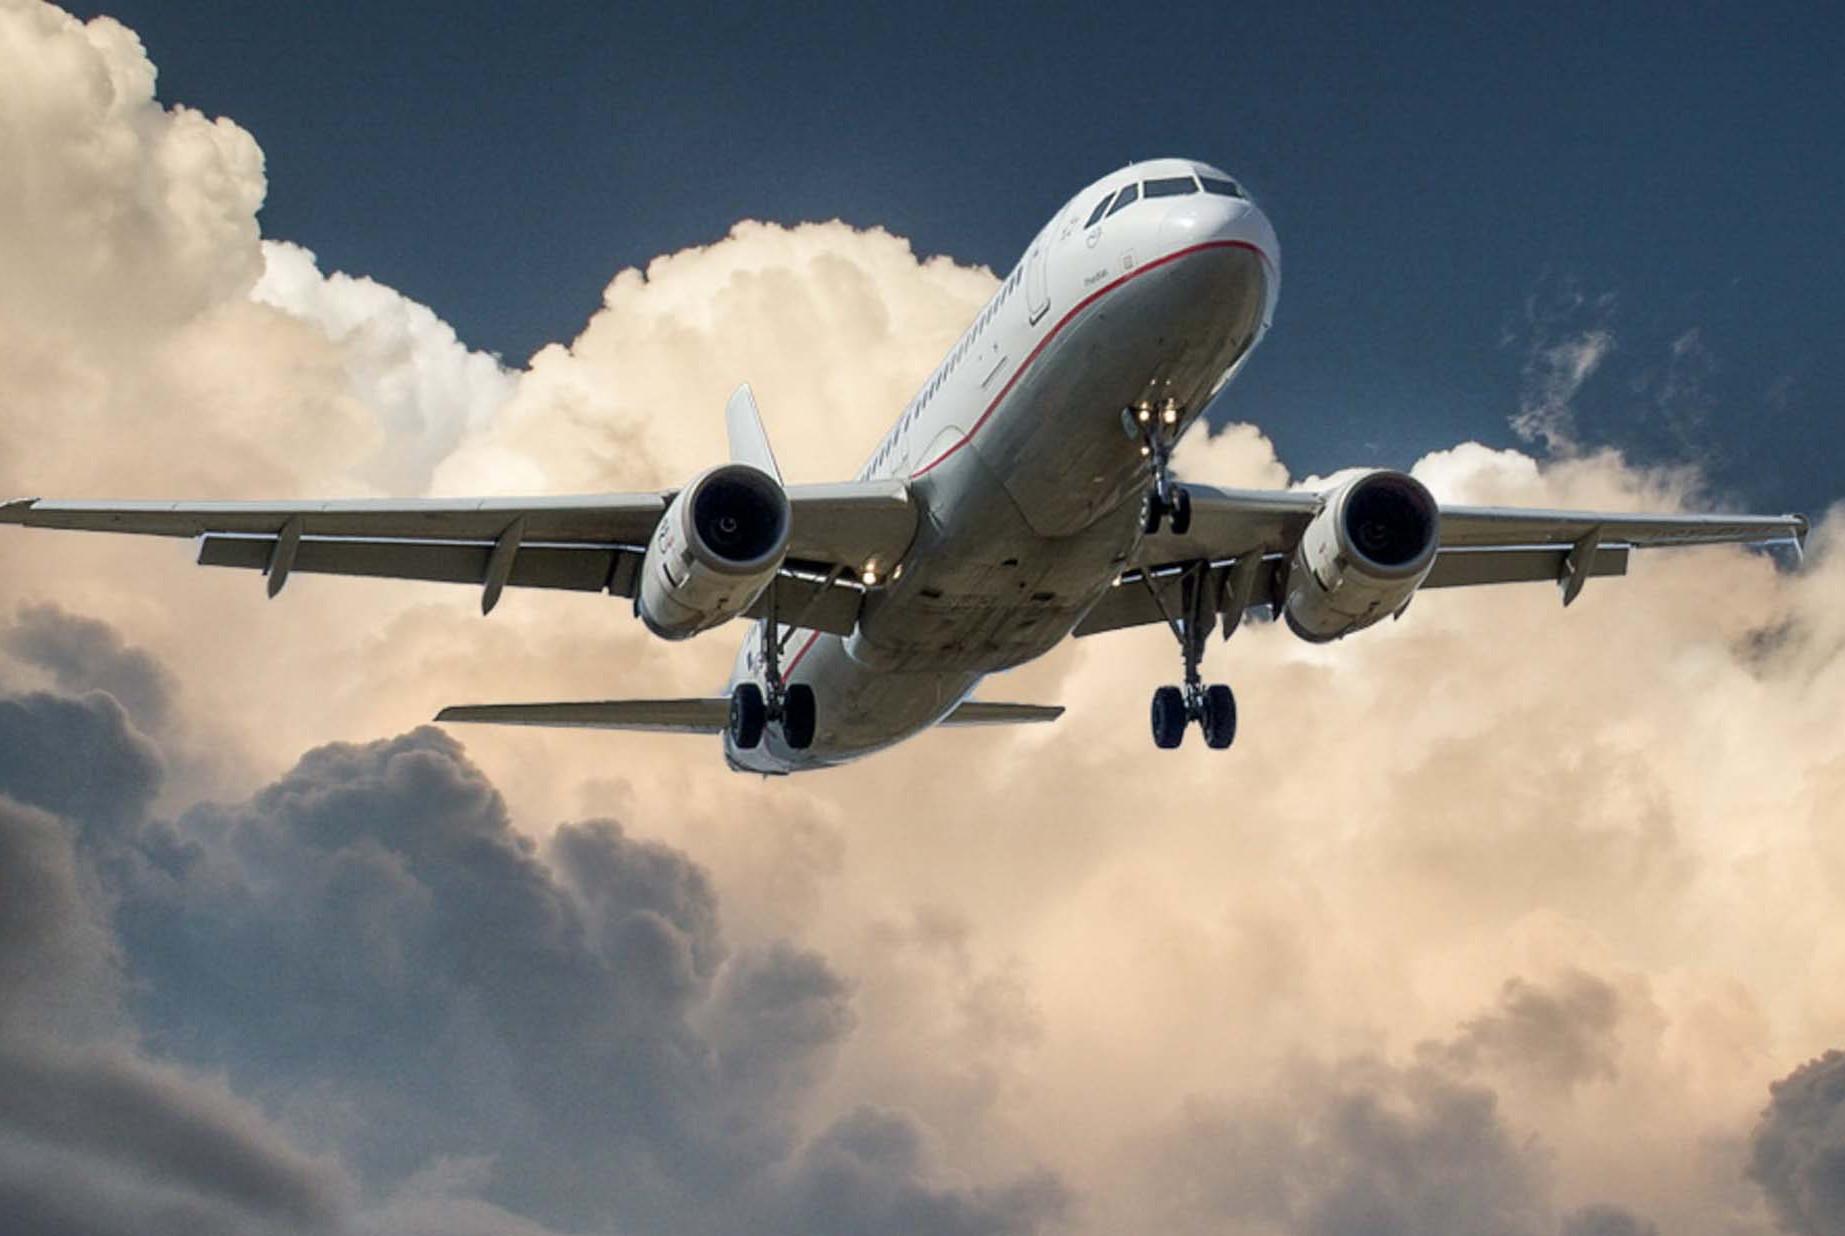 飞机易得,航线难求,天上本没有路,为什么非得按照固定路线飞?